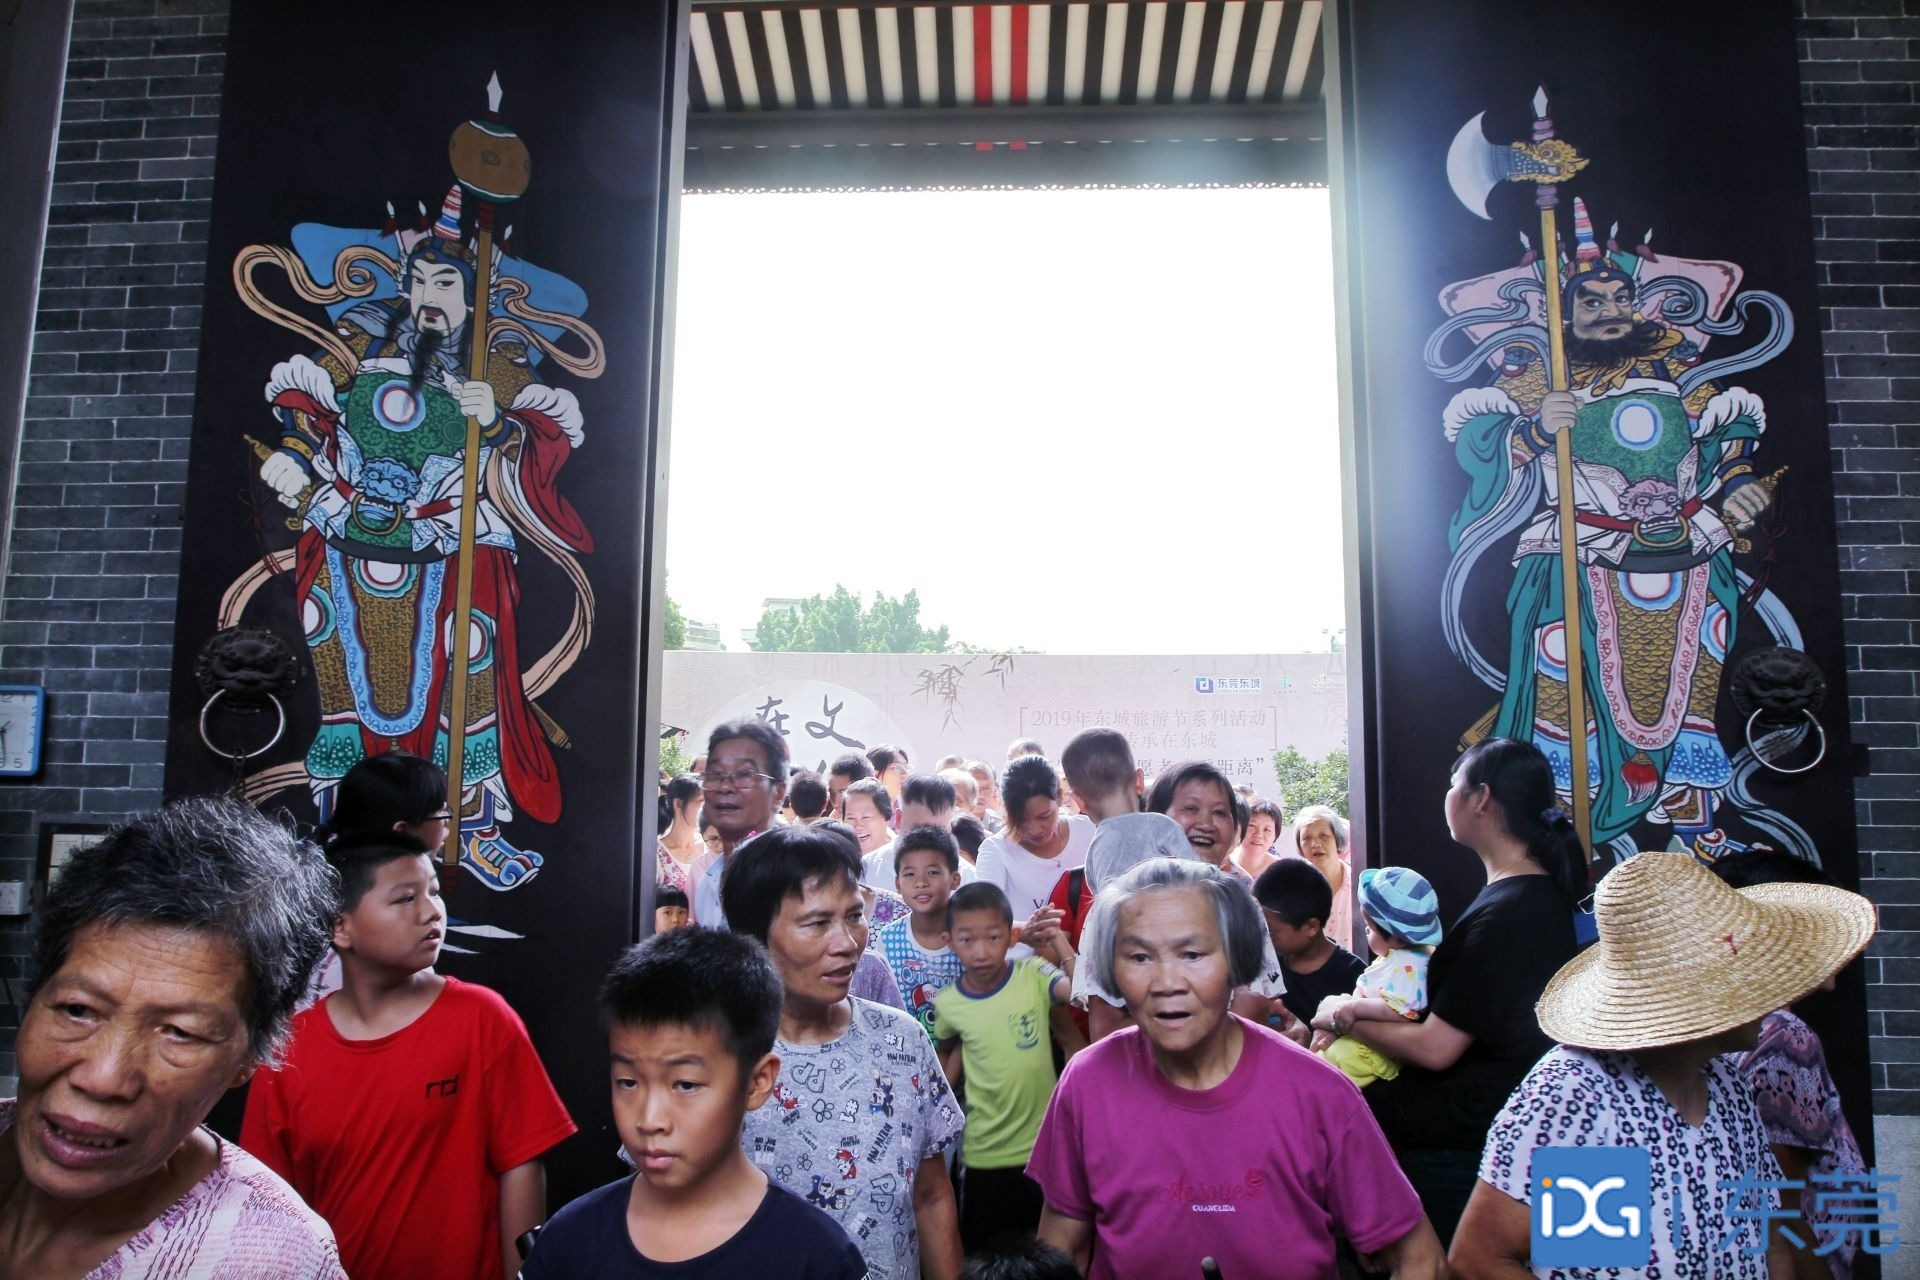 祠堂成了传统文化大学堂,东城文旅融合创新发展